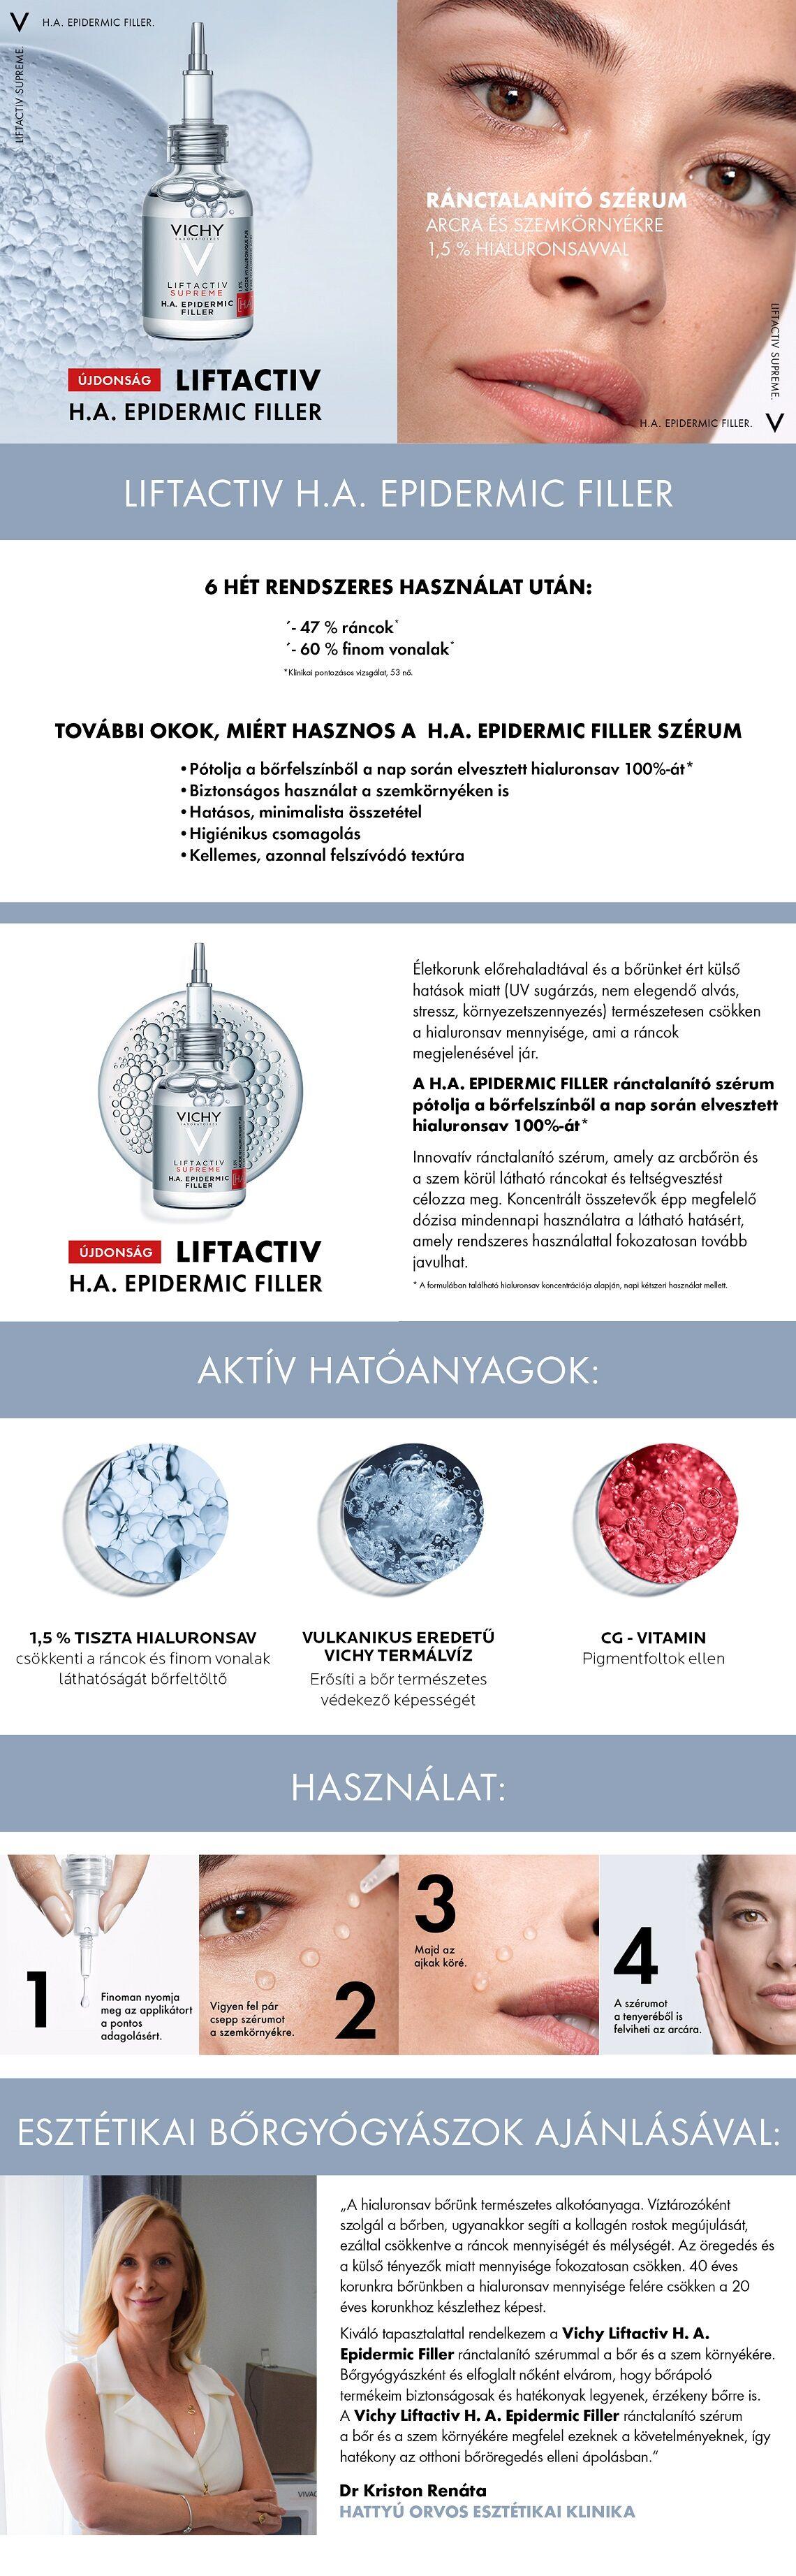 Vichy Liftactiv Supreme H.A. Epidermic Filler szérum 30ml